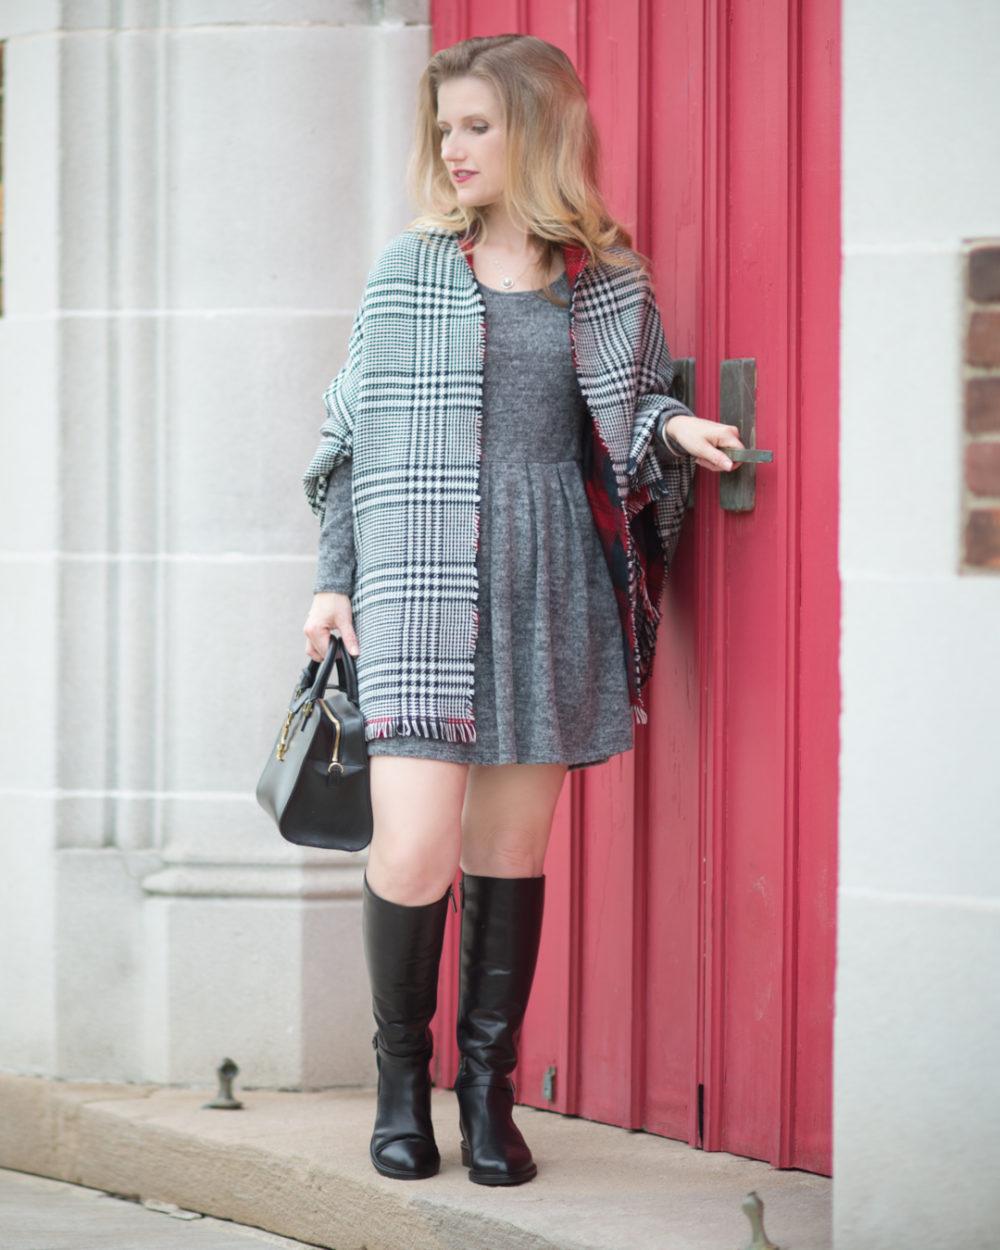 Petite Fashion and Style Blog | Aquatalia boots